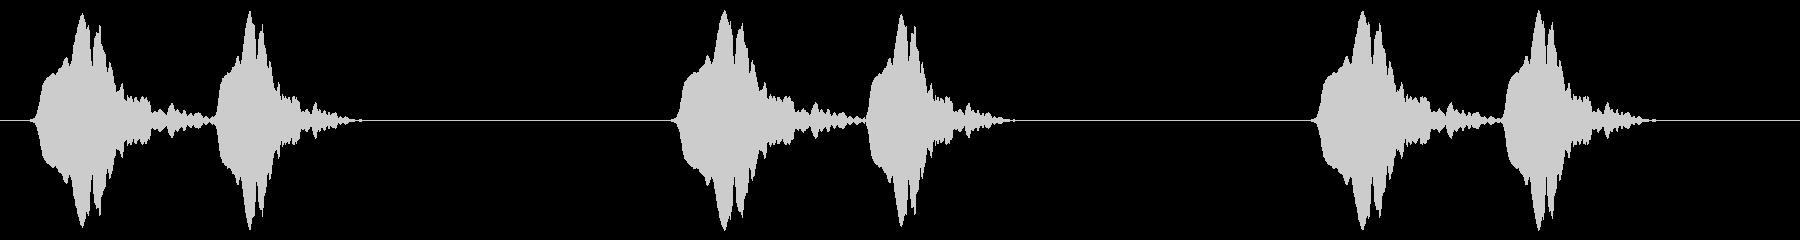 電球を回す (キュィッ×3)の未再生の波形